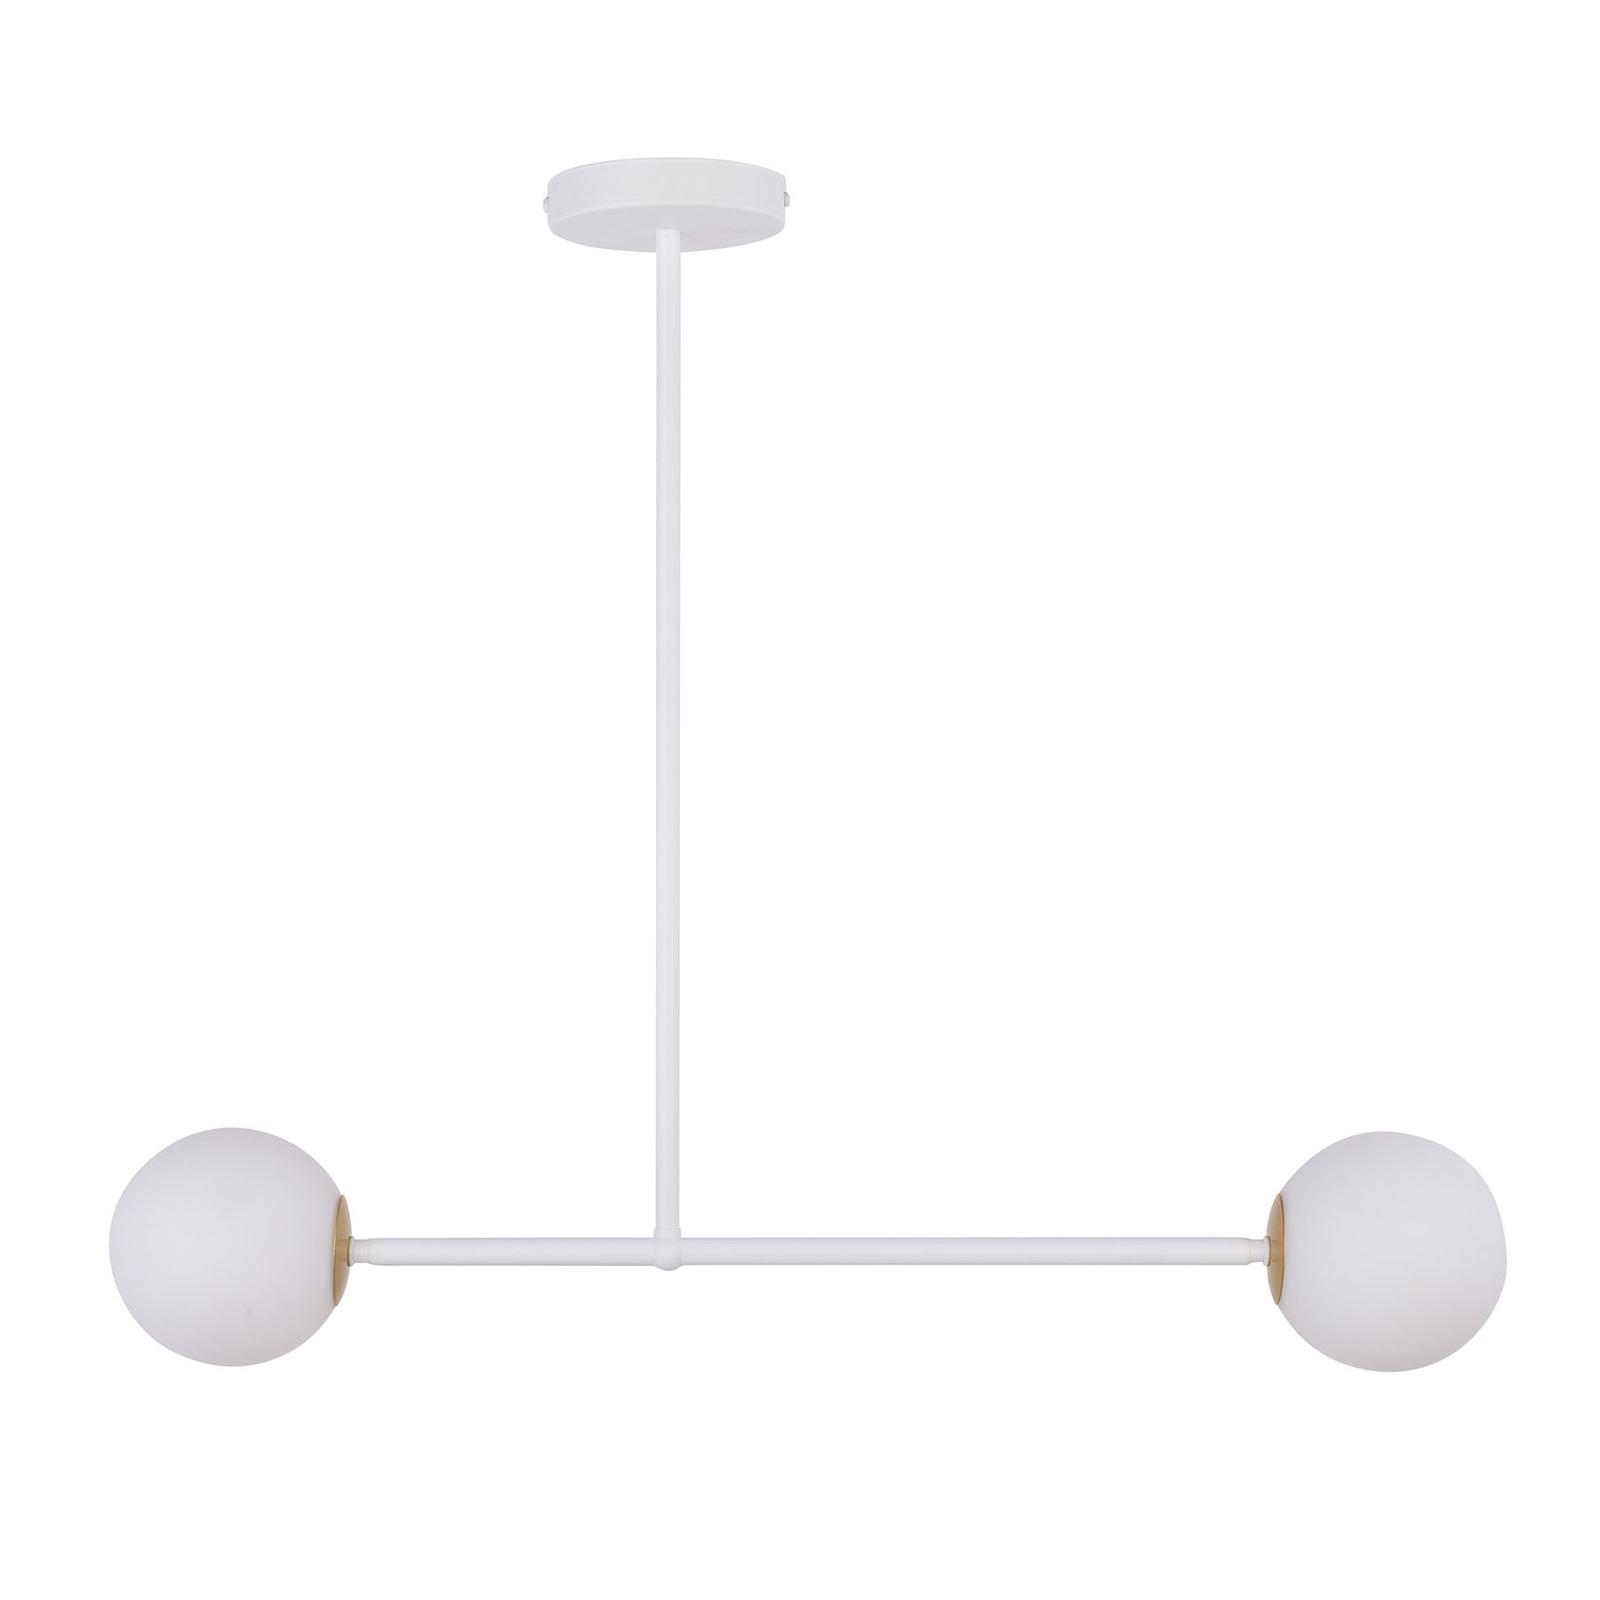 Gama 2 hængelampe, 2 lyskilder, hvid